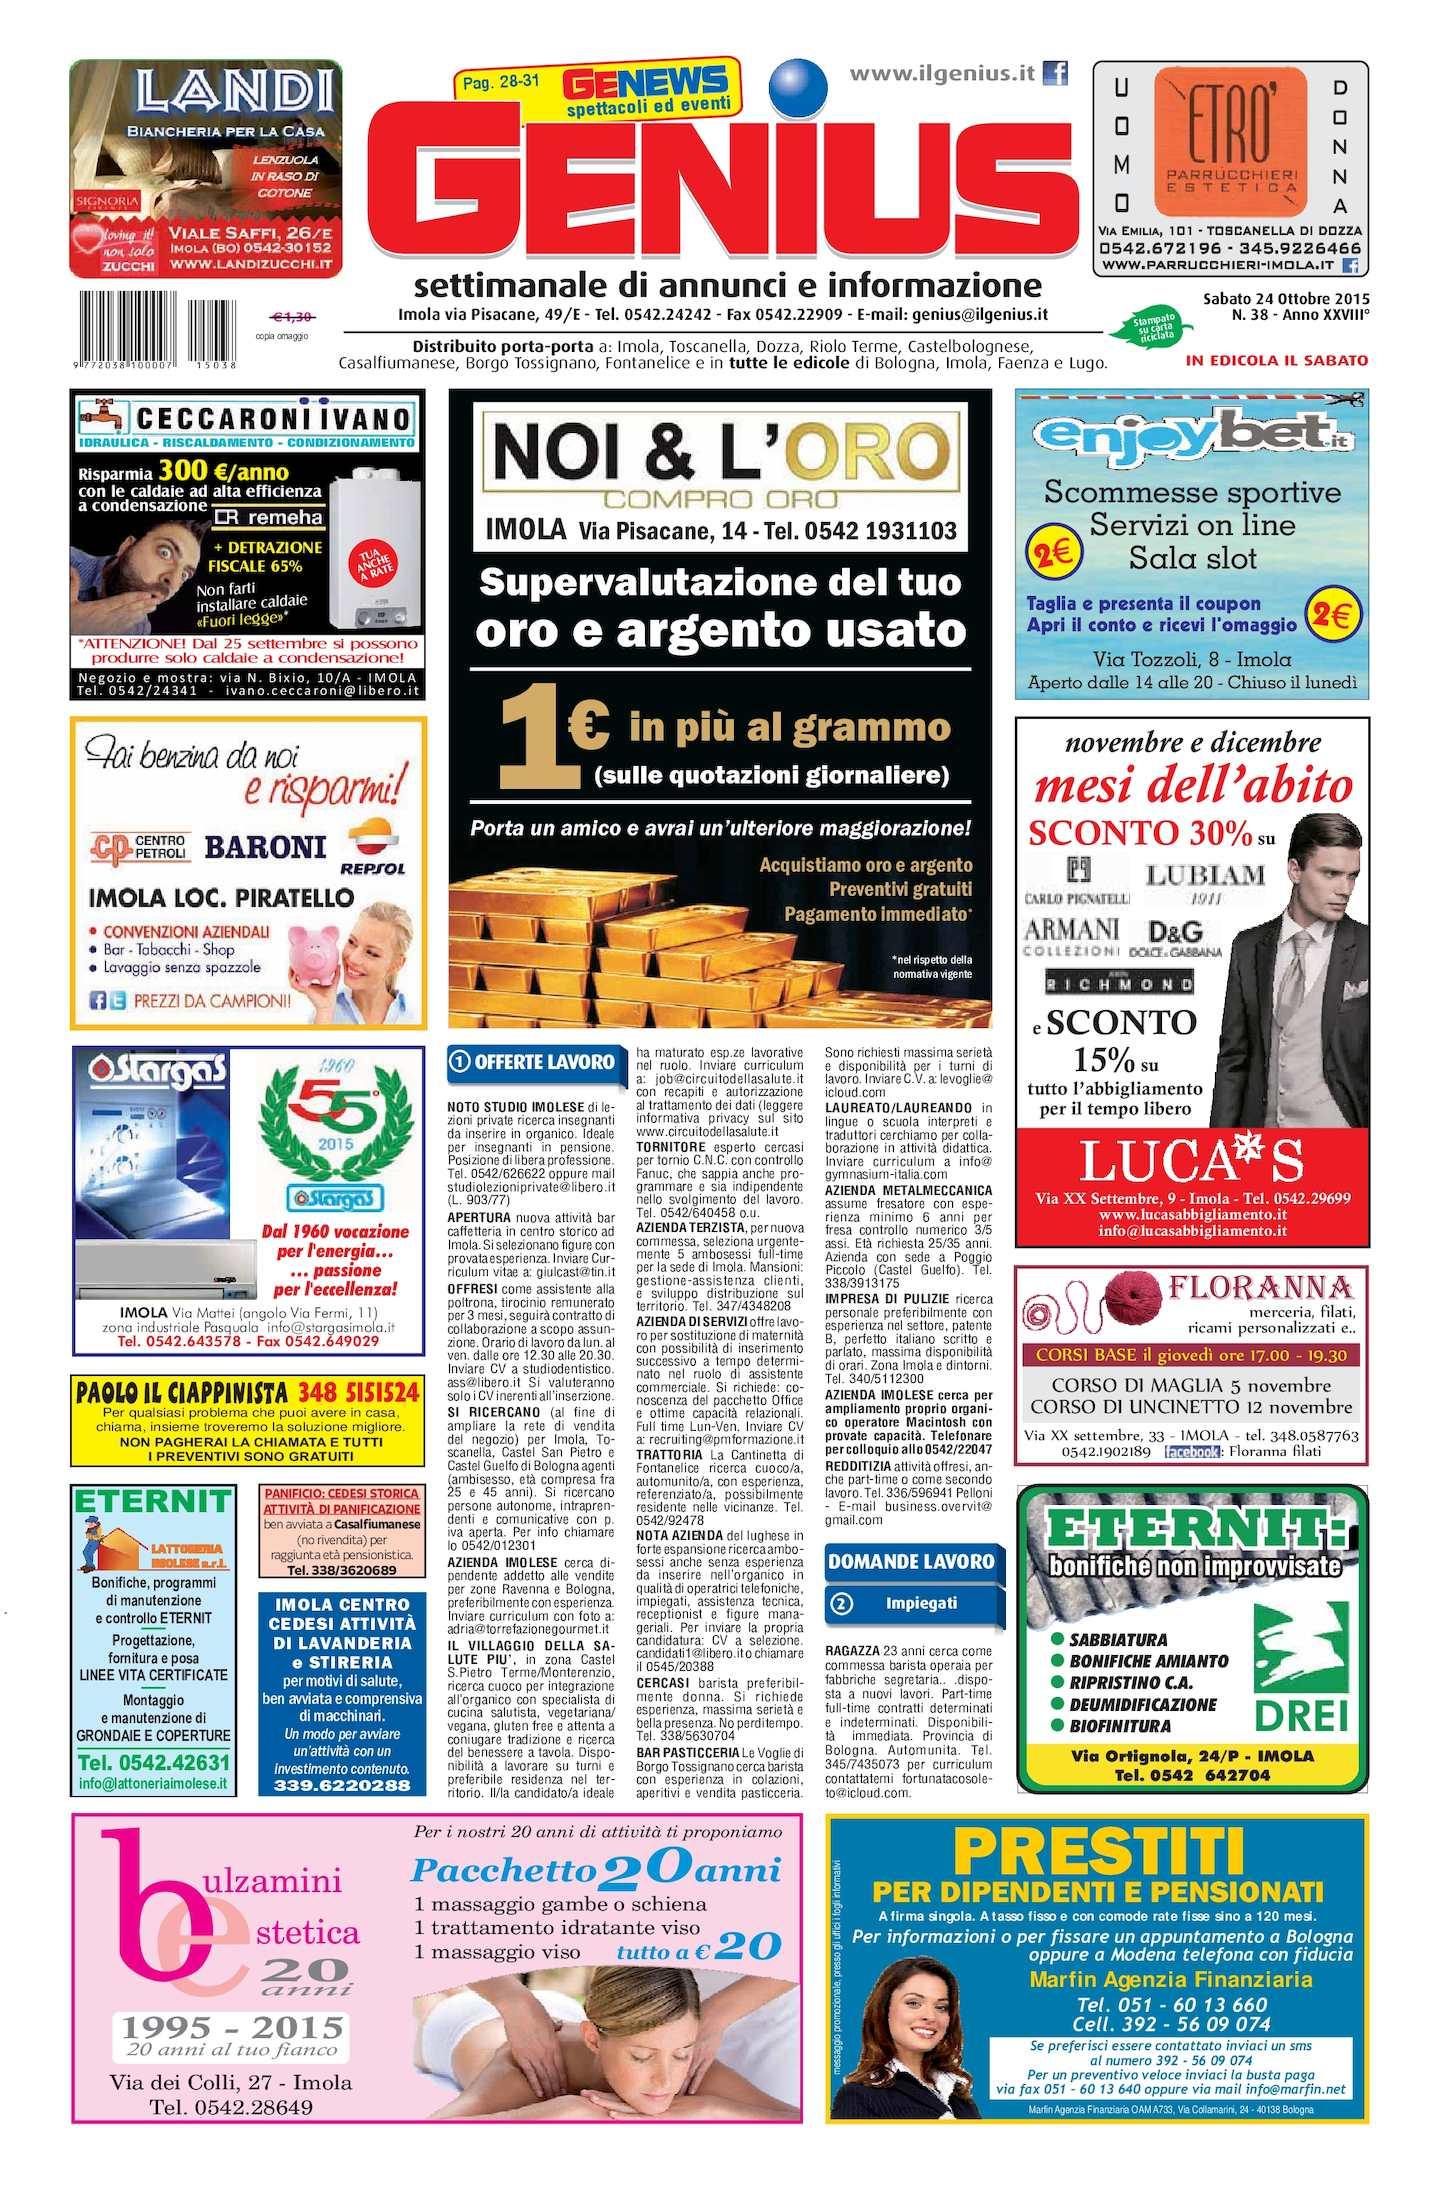 Passione Italiana Mobili Prezzi calaméo - num 38 del 24 ottobre 2015